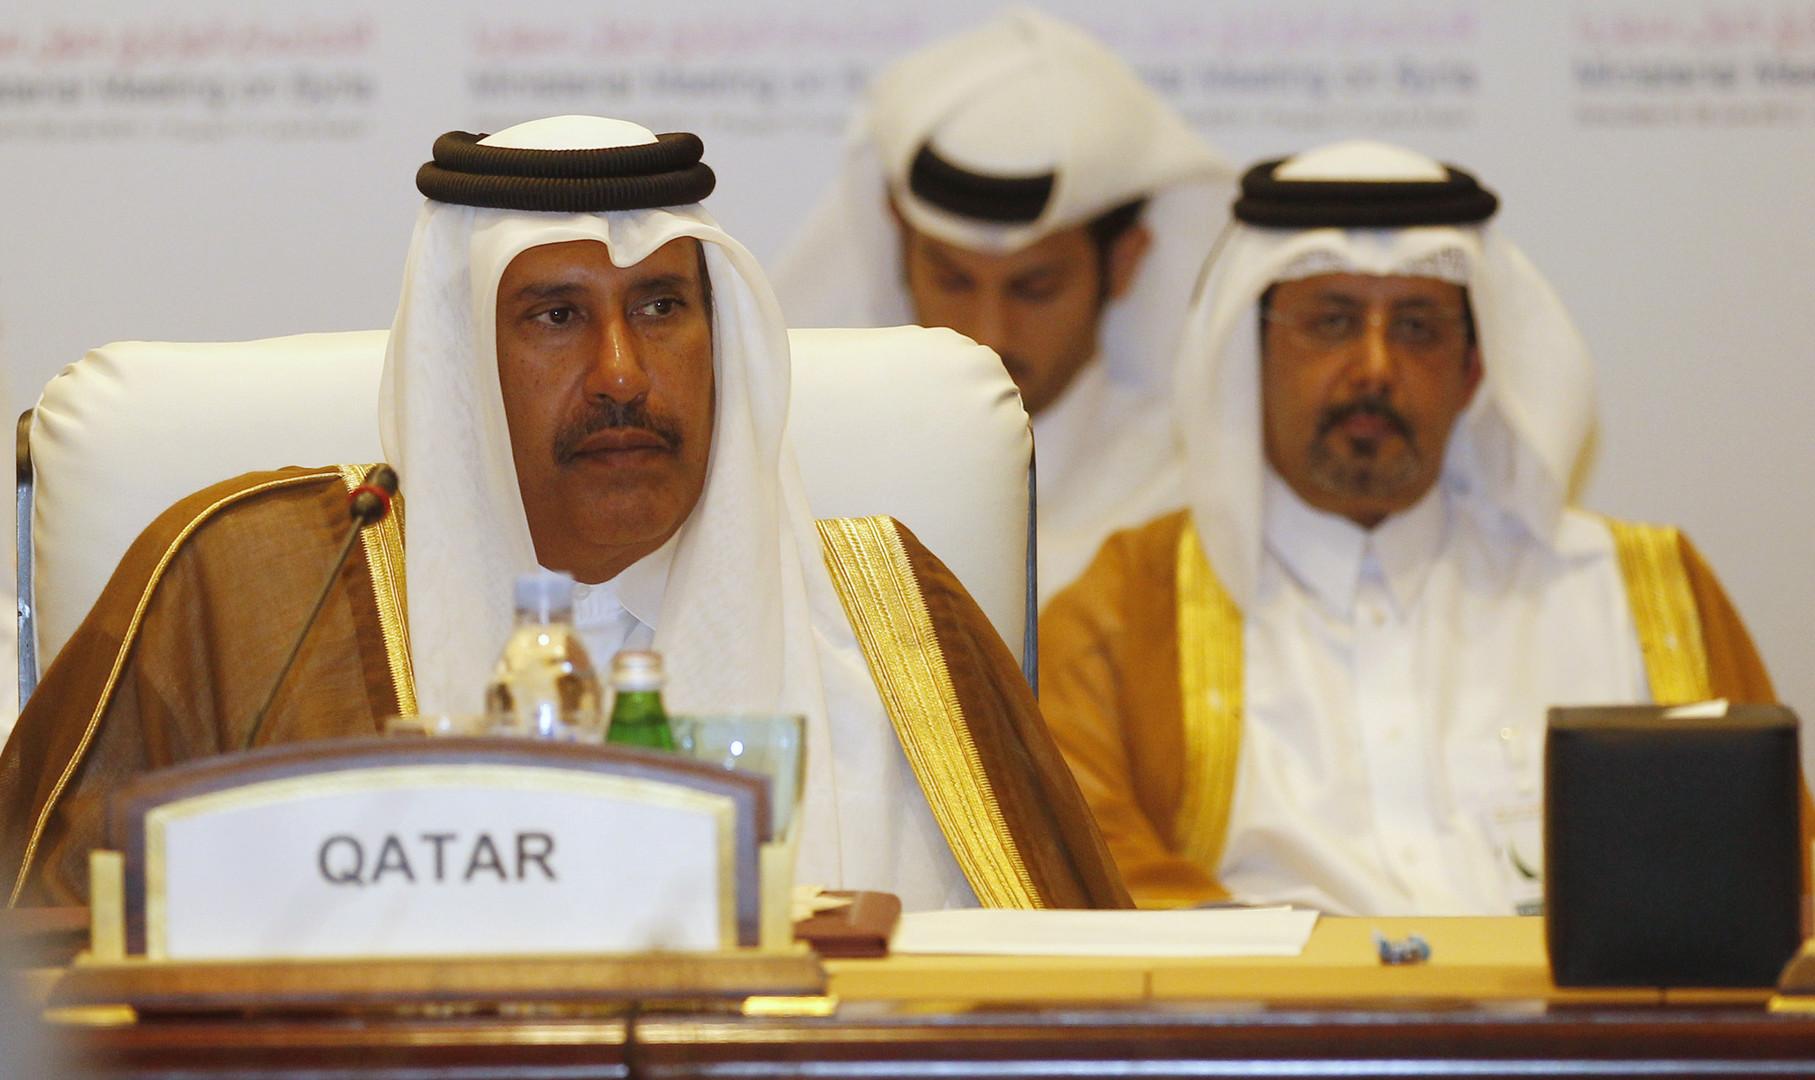 رئيس وزراء قطر السابق، حمد بن جاسم آل ثاني